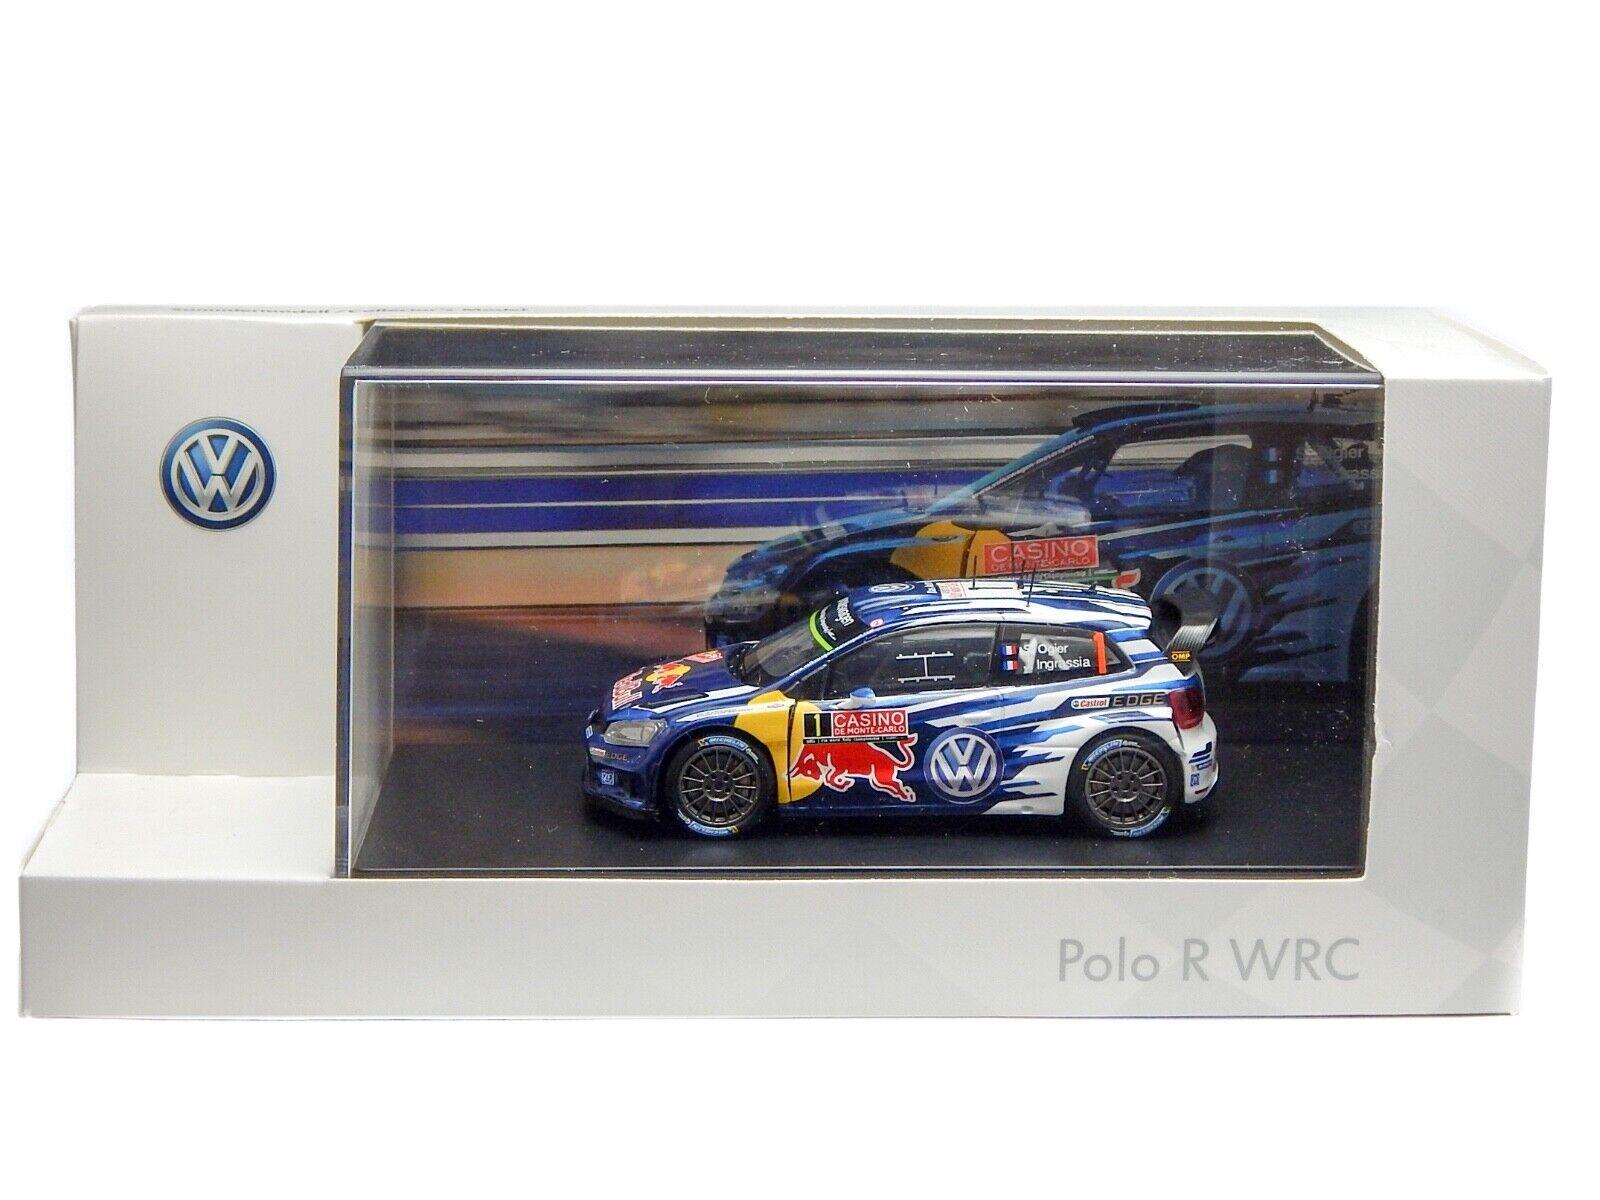 VOLKSWAGEN Polo R WRC rojo Bull 1 43 Rallye Monte Cochelo 2015 bulle Ingrassia  1